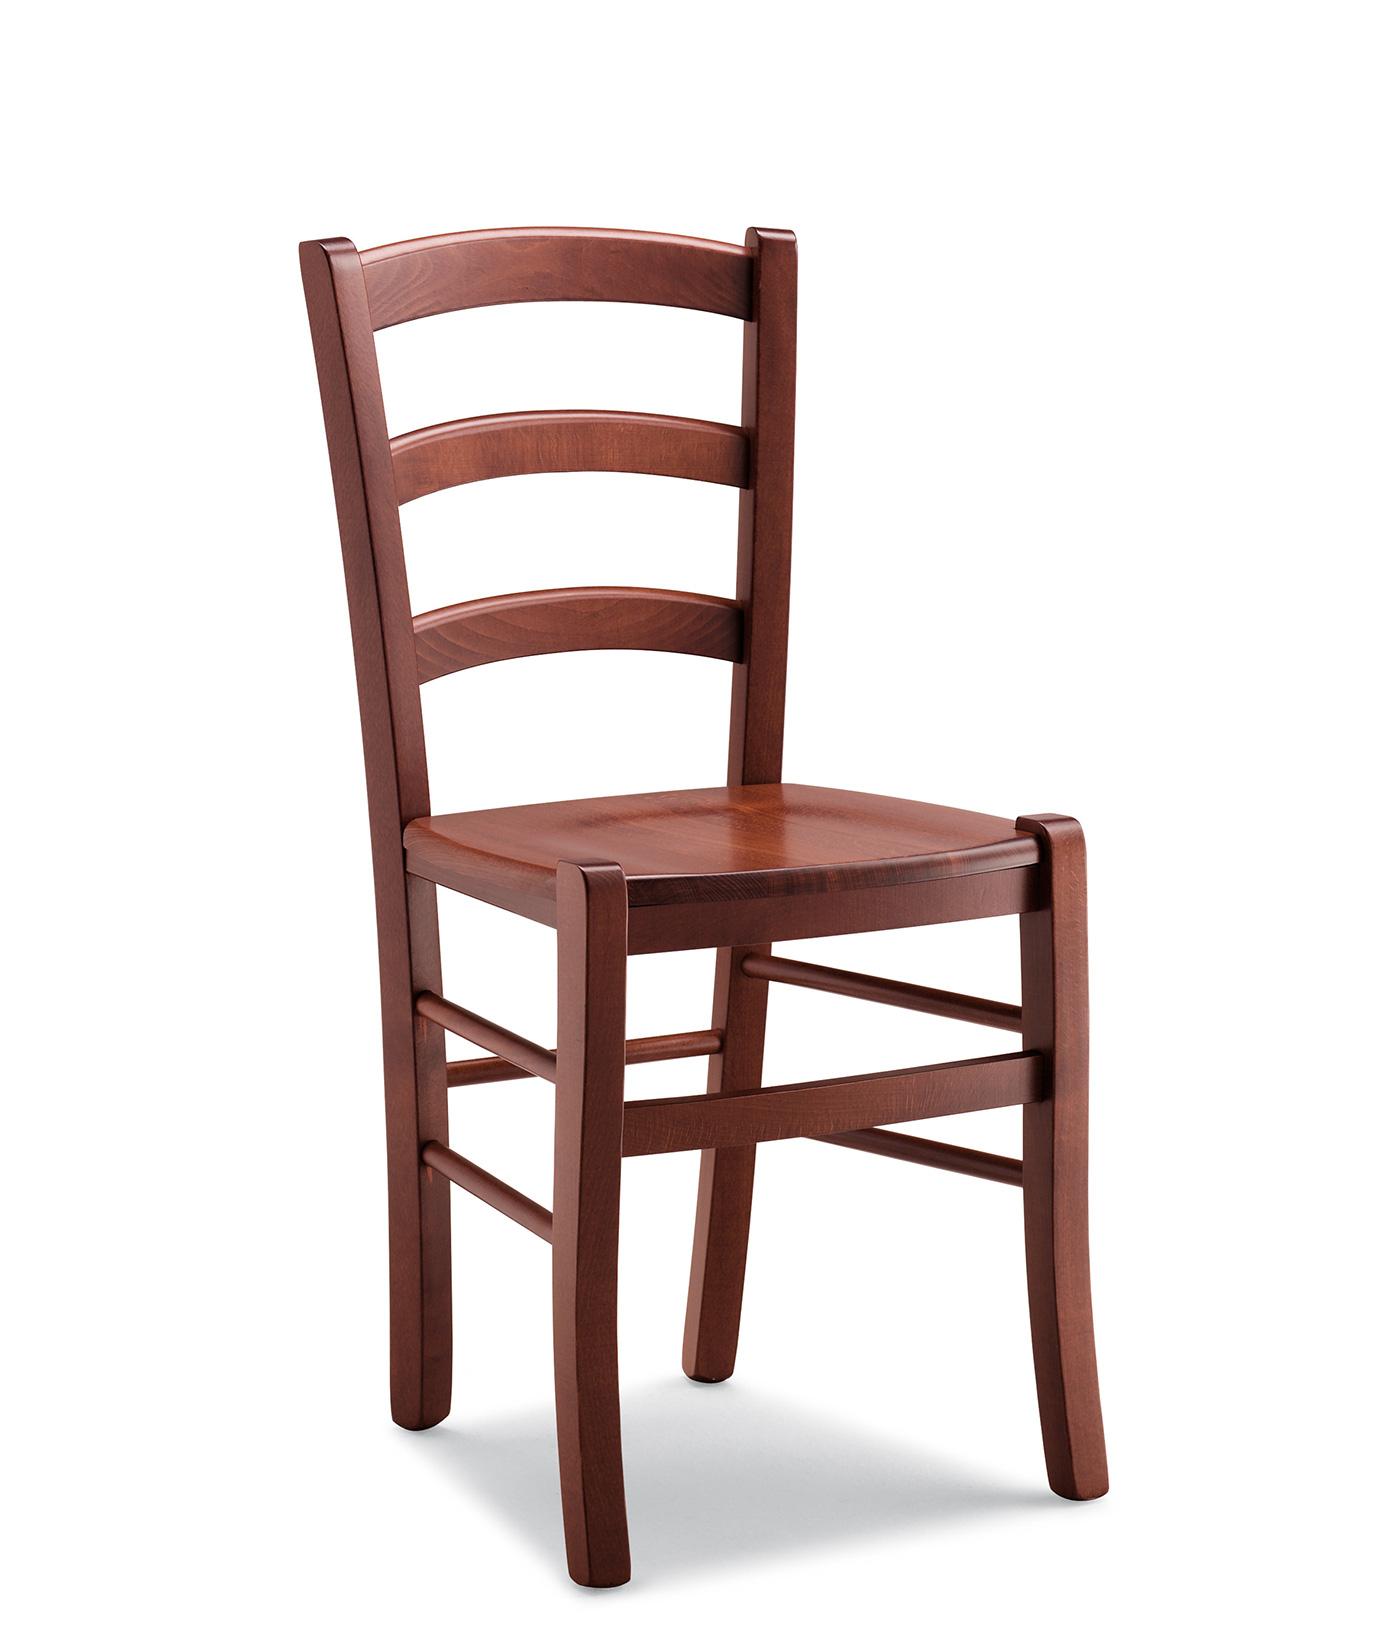 franchi sedie calderara catalogo pannelli decorativi